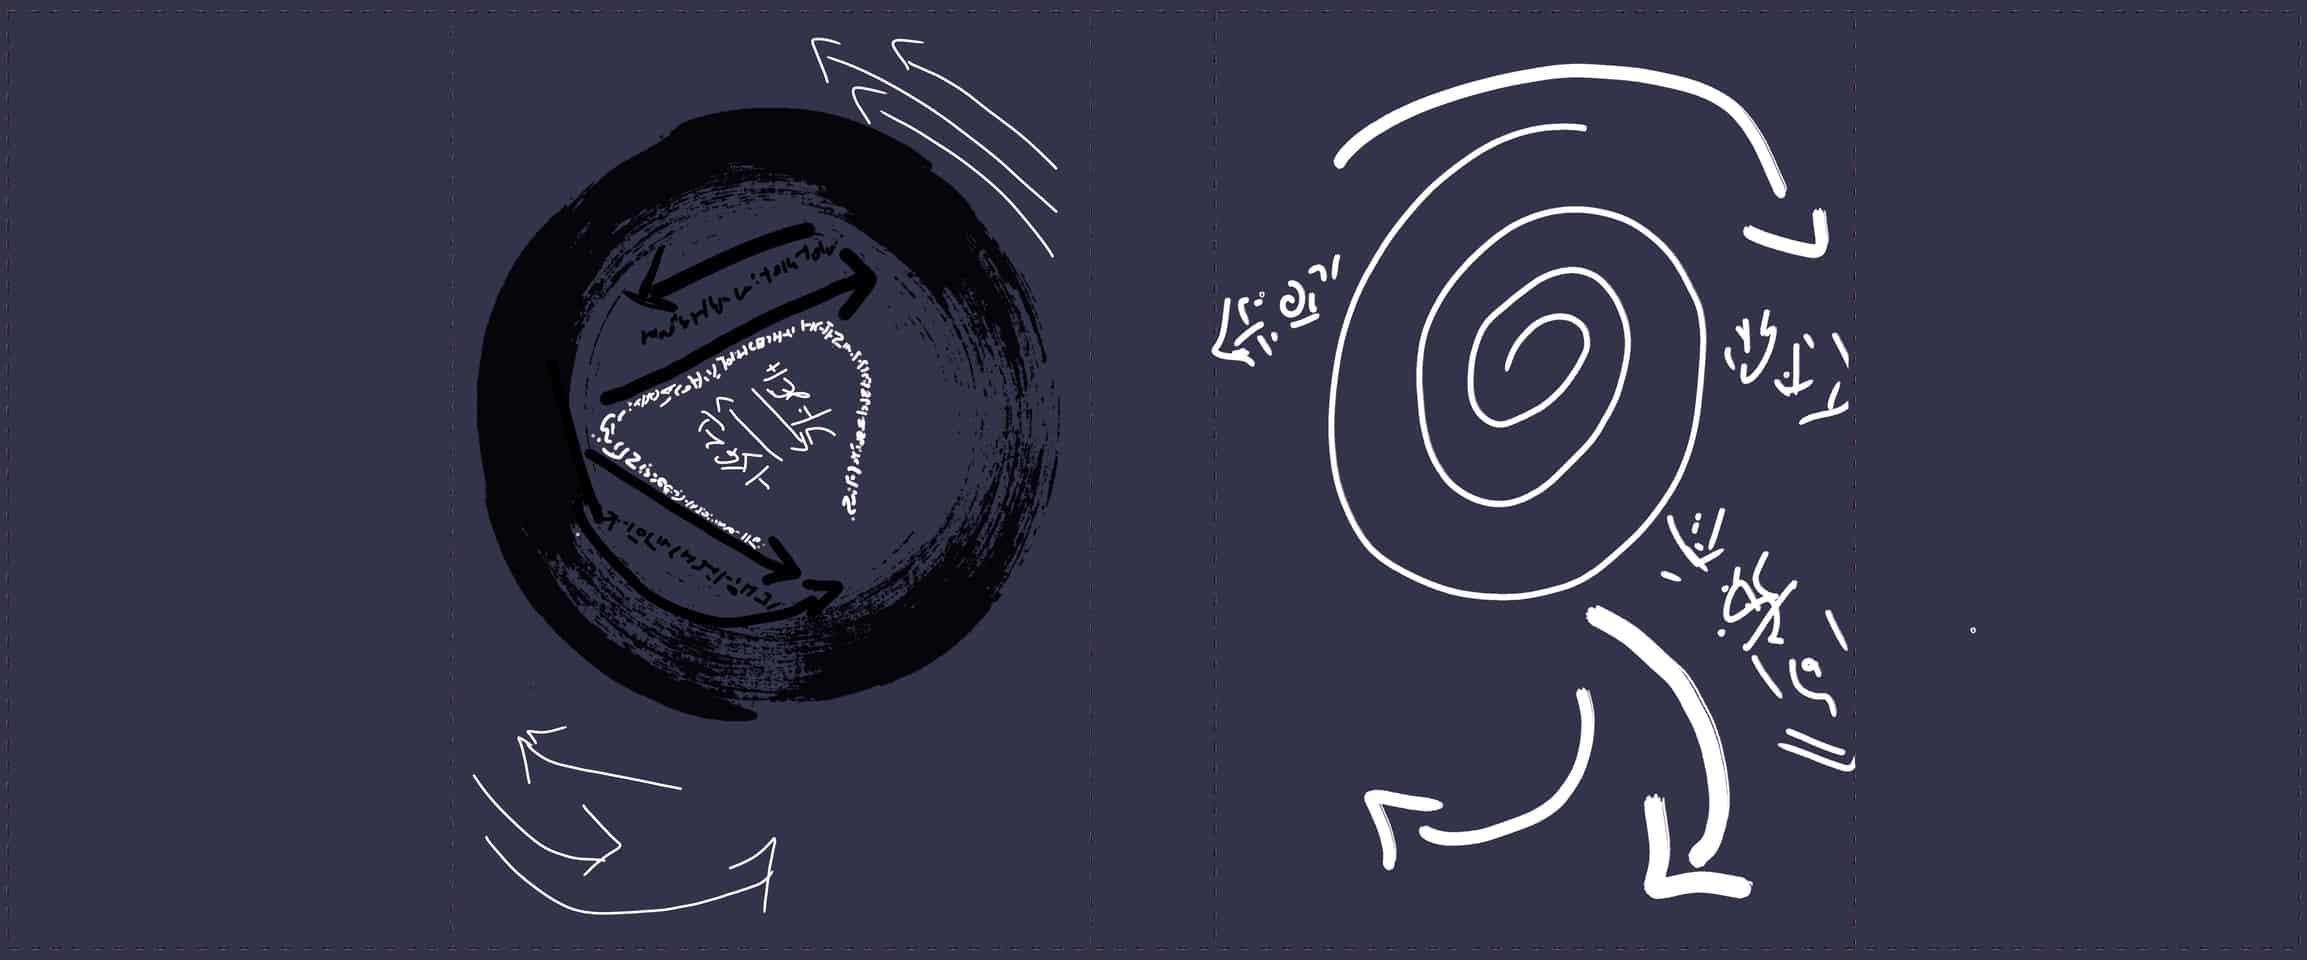 Spinning  Illust of Moonlighto Spinning_contest spinning